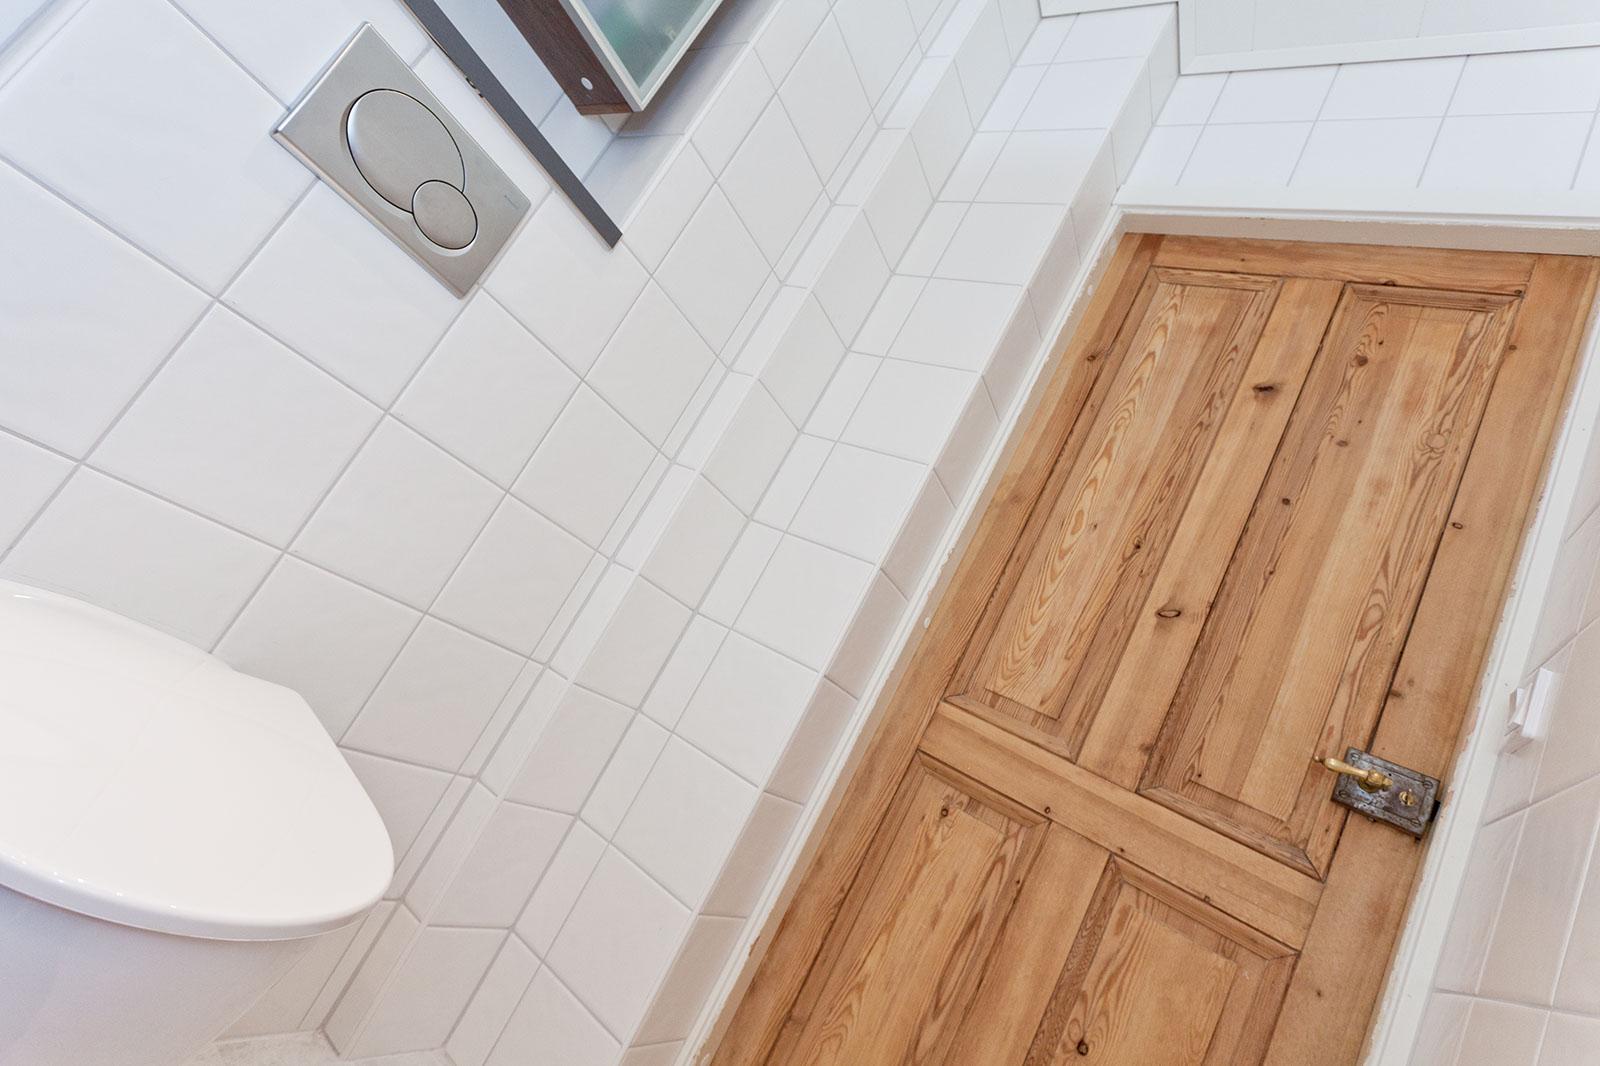 TvÃ¥ badrum och sovrum i fÃ¥lhagen – uppsala fastighetstjänst